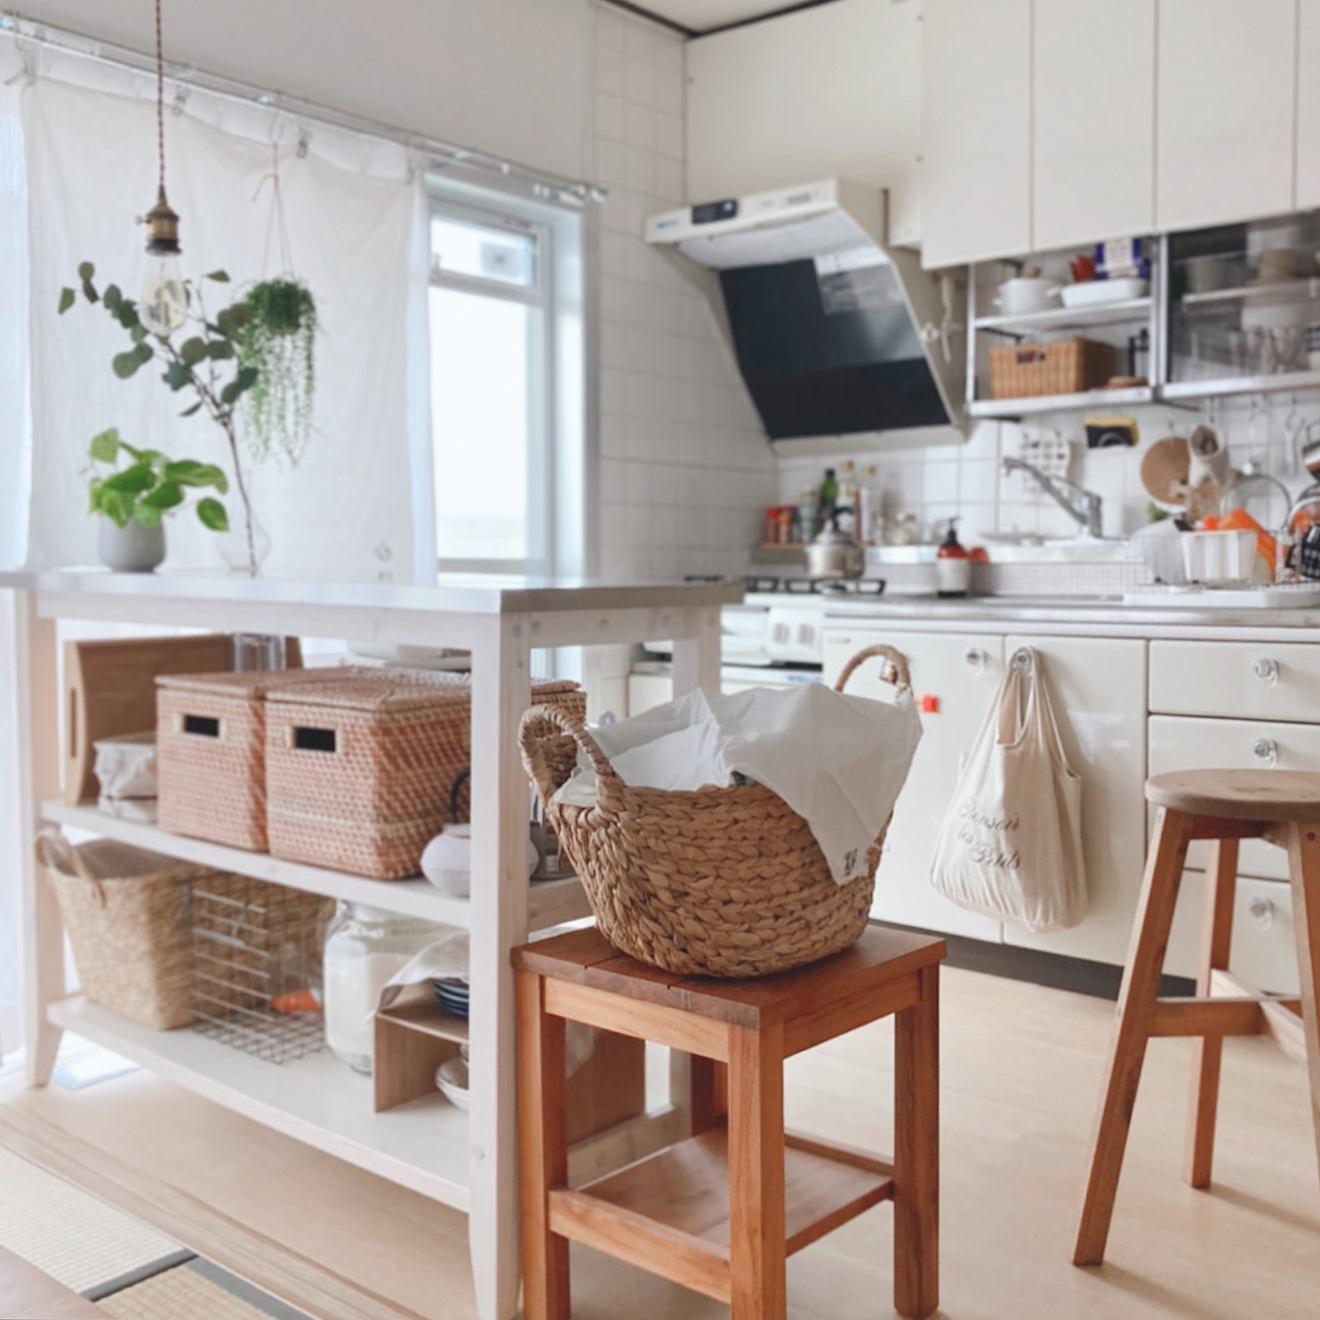 部屋と部屋の間のギリギリに作業テーブルを置いても、どちら側からでも物を取り出せます。